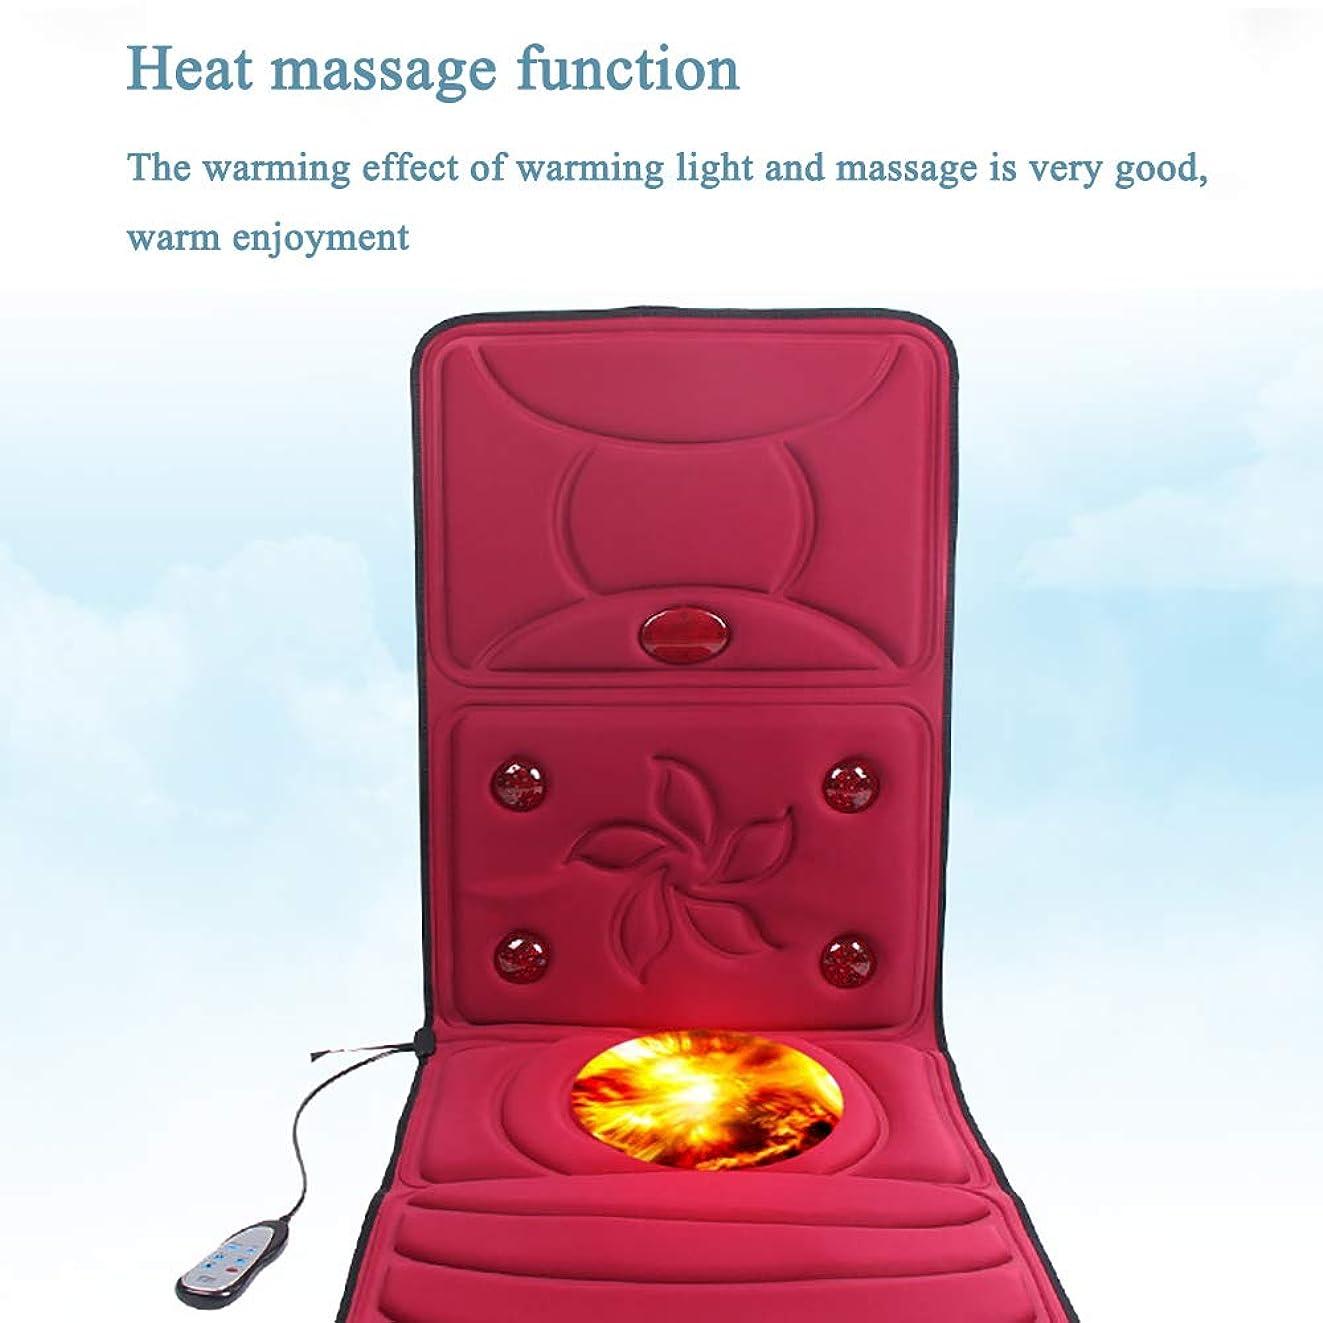 未亡人会う寝室子宮頸部マッサージャー、多機能家庭用電気マッサージマットレスカーペットフルボディ加熱マッサージマットレスマットの傾くための電気マッサージクッション